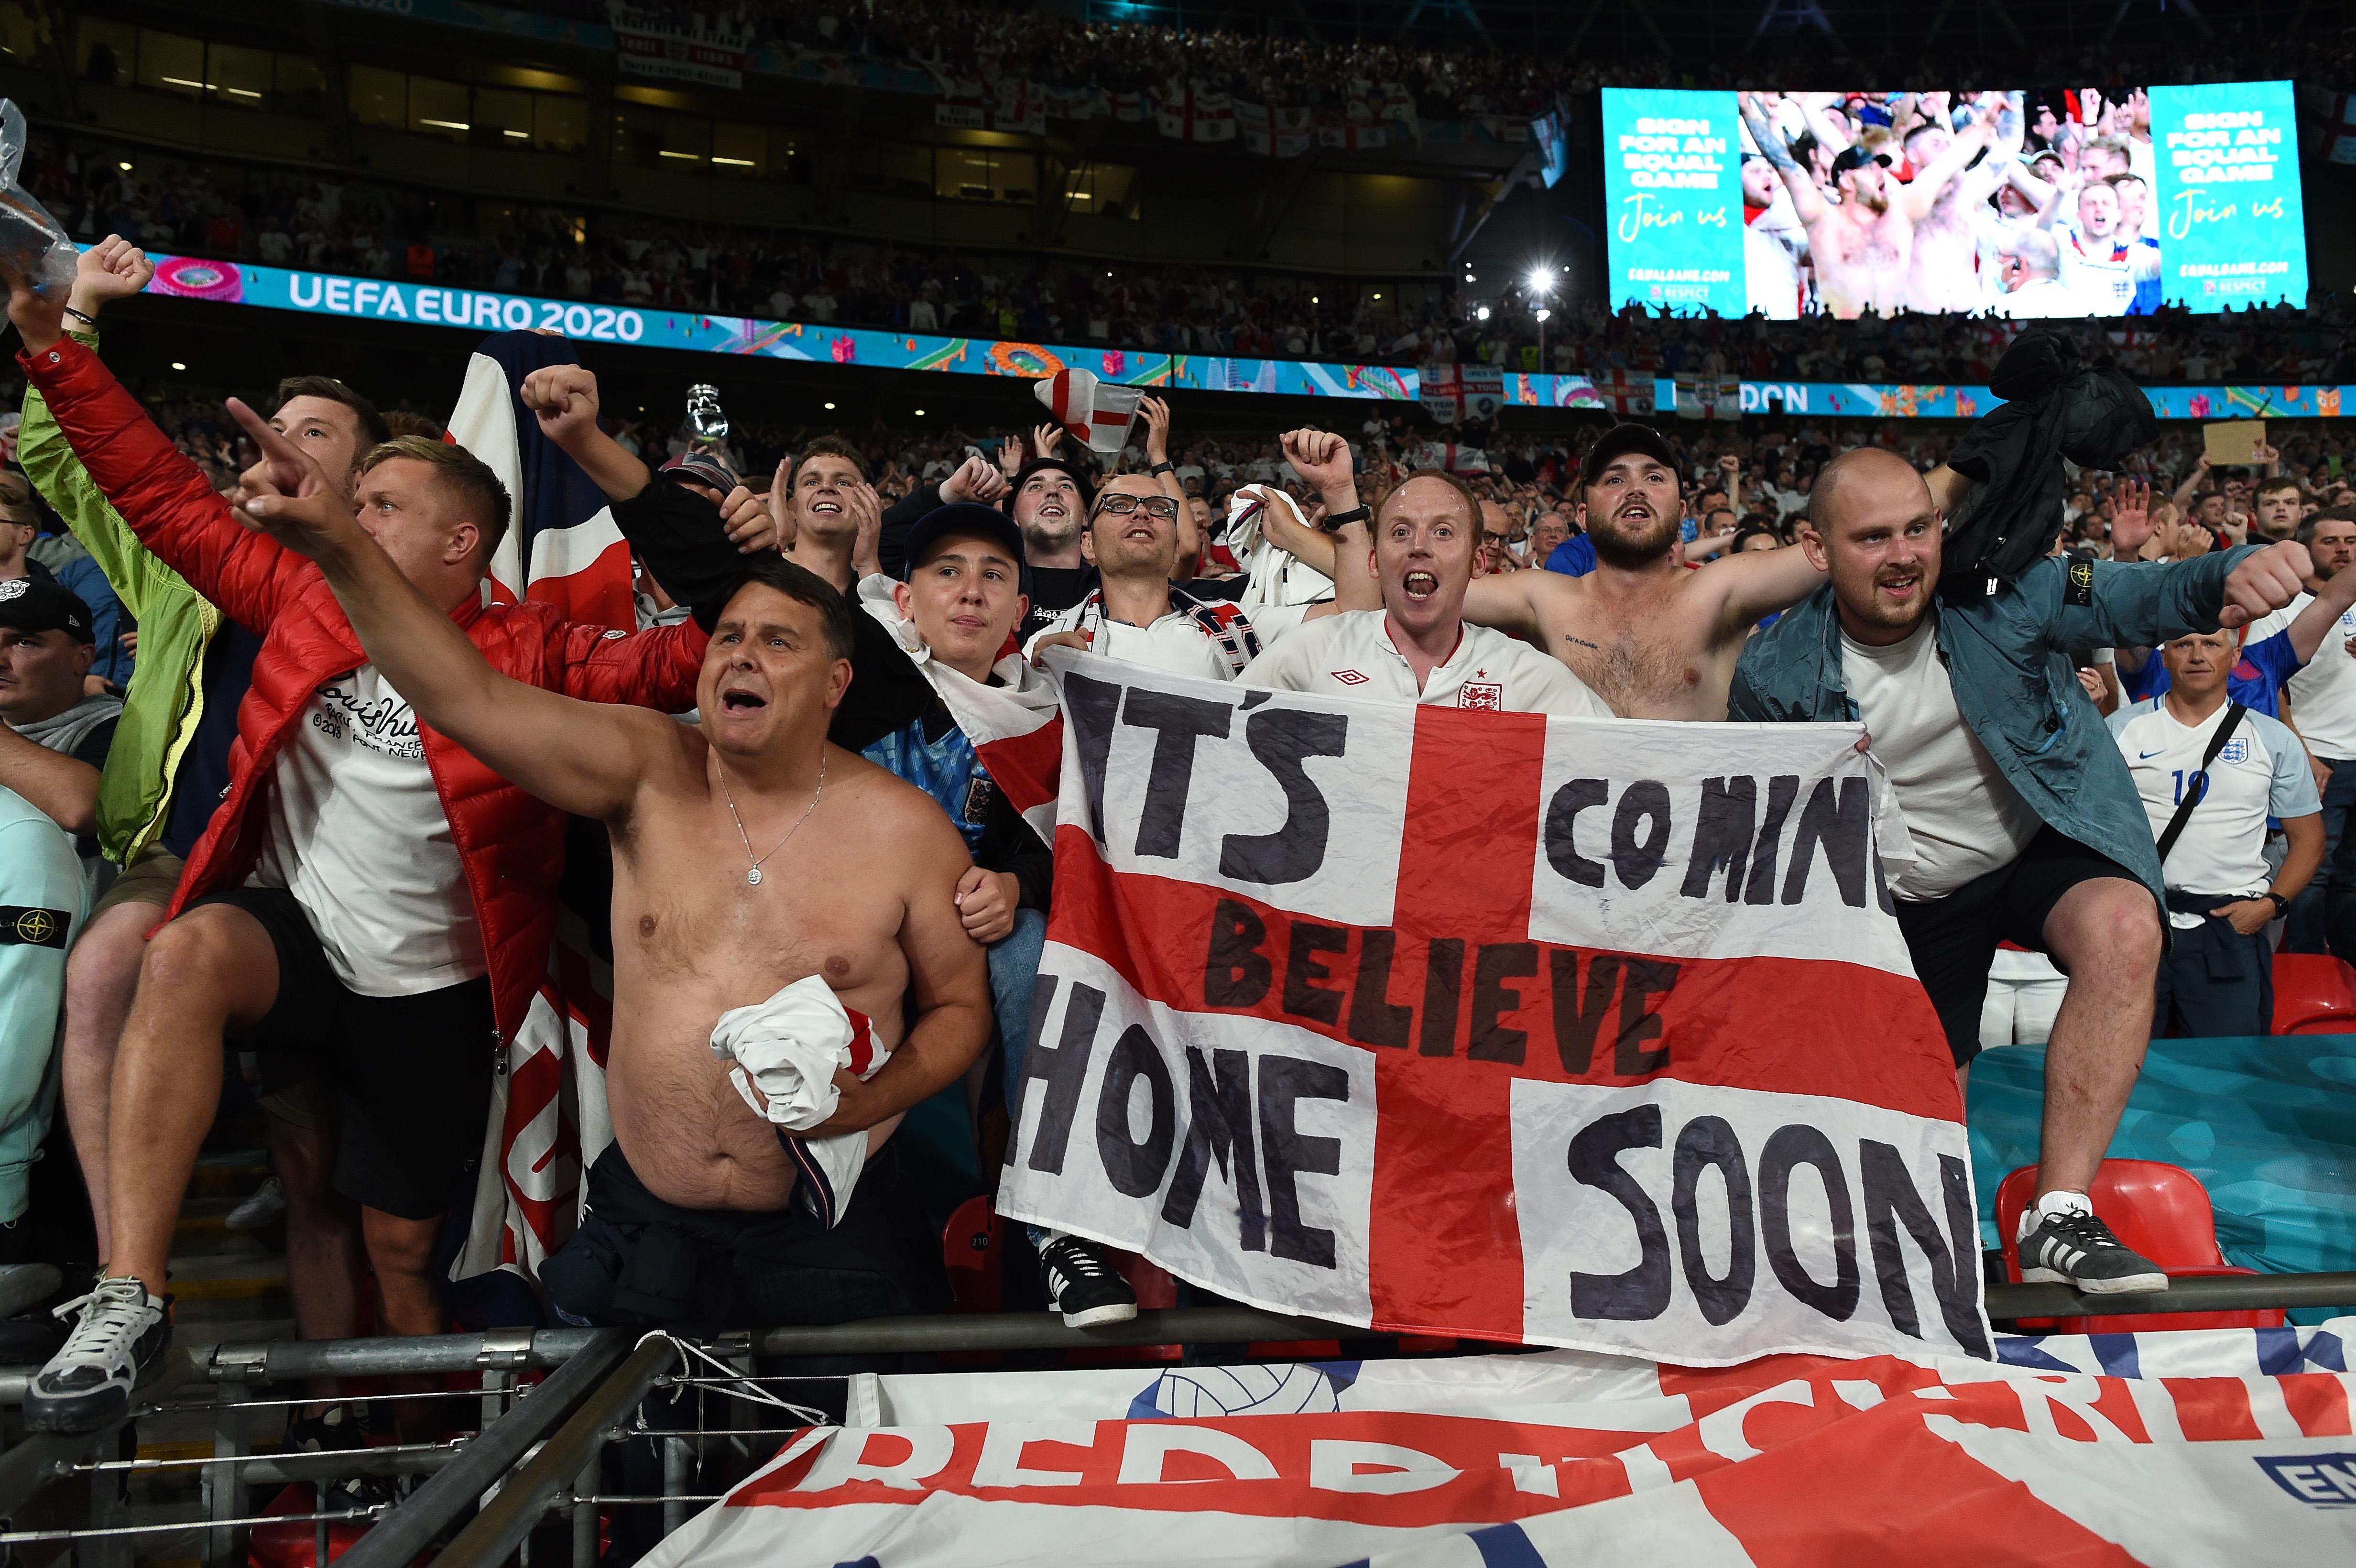 英格兰球迷打出标语:足球快要回家了。